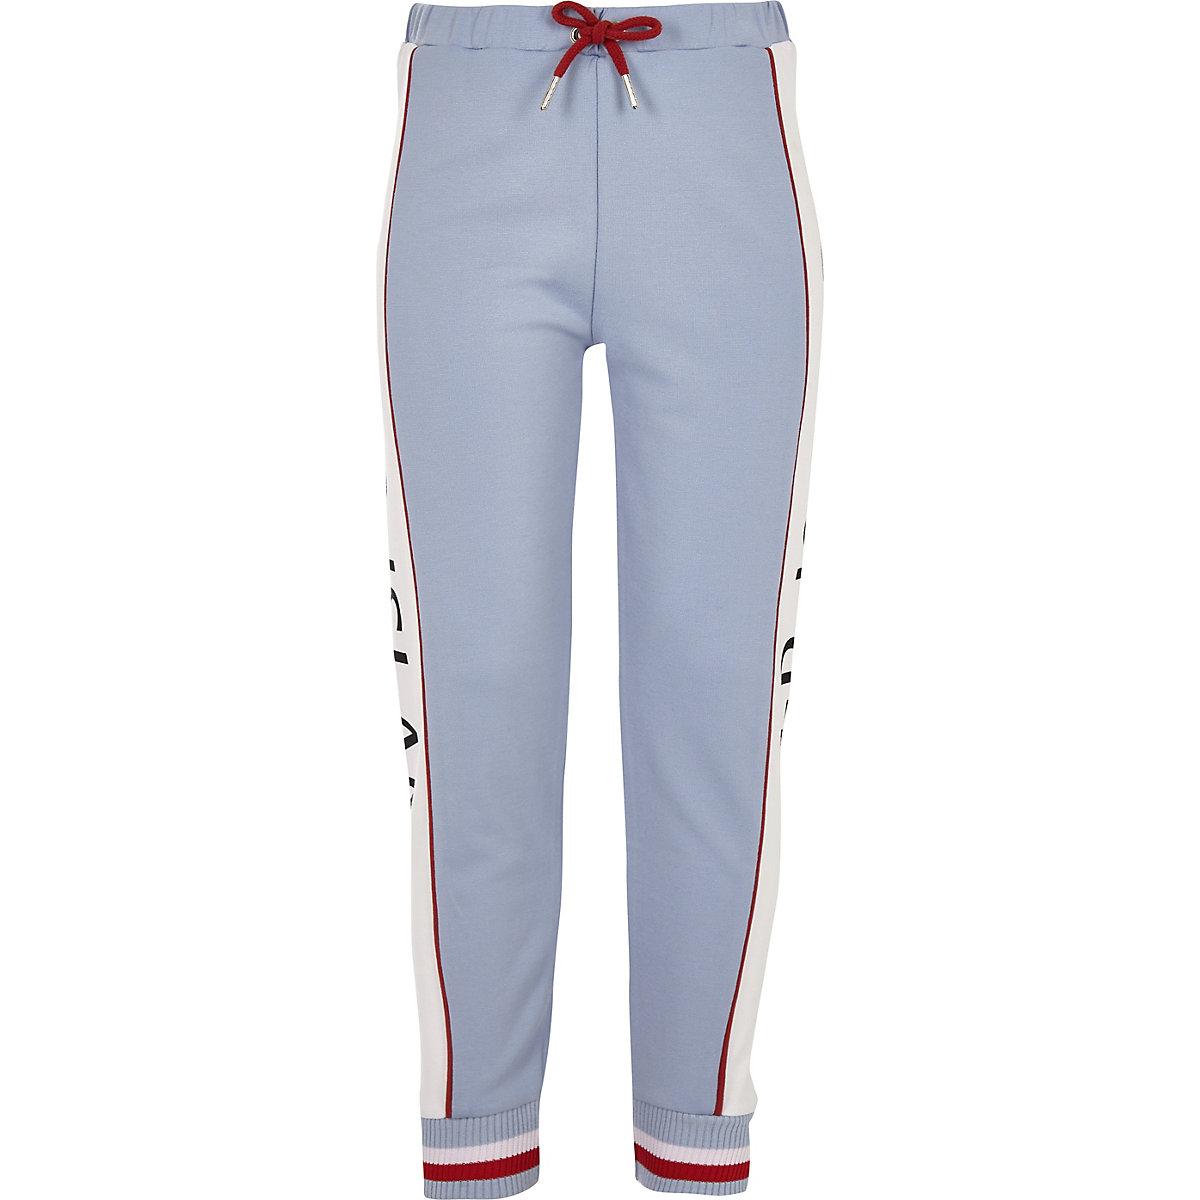 Pantalon de jogging bleu à bande RI pour fille - Pantalons de ... 52da2c2ea92